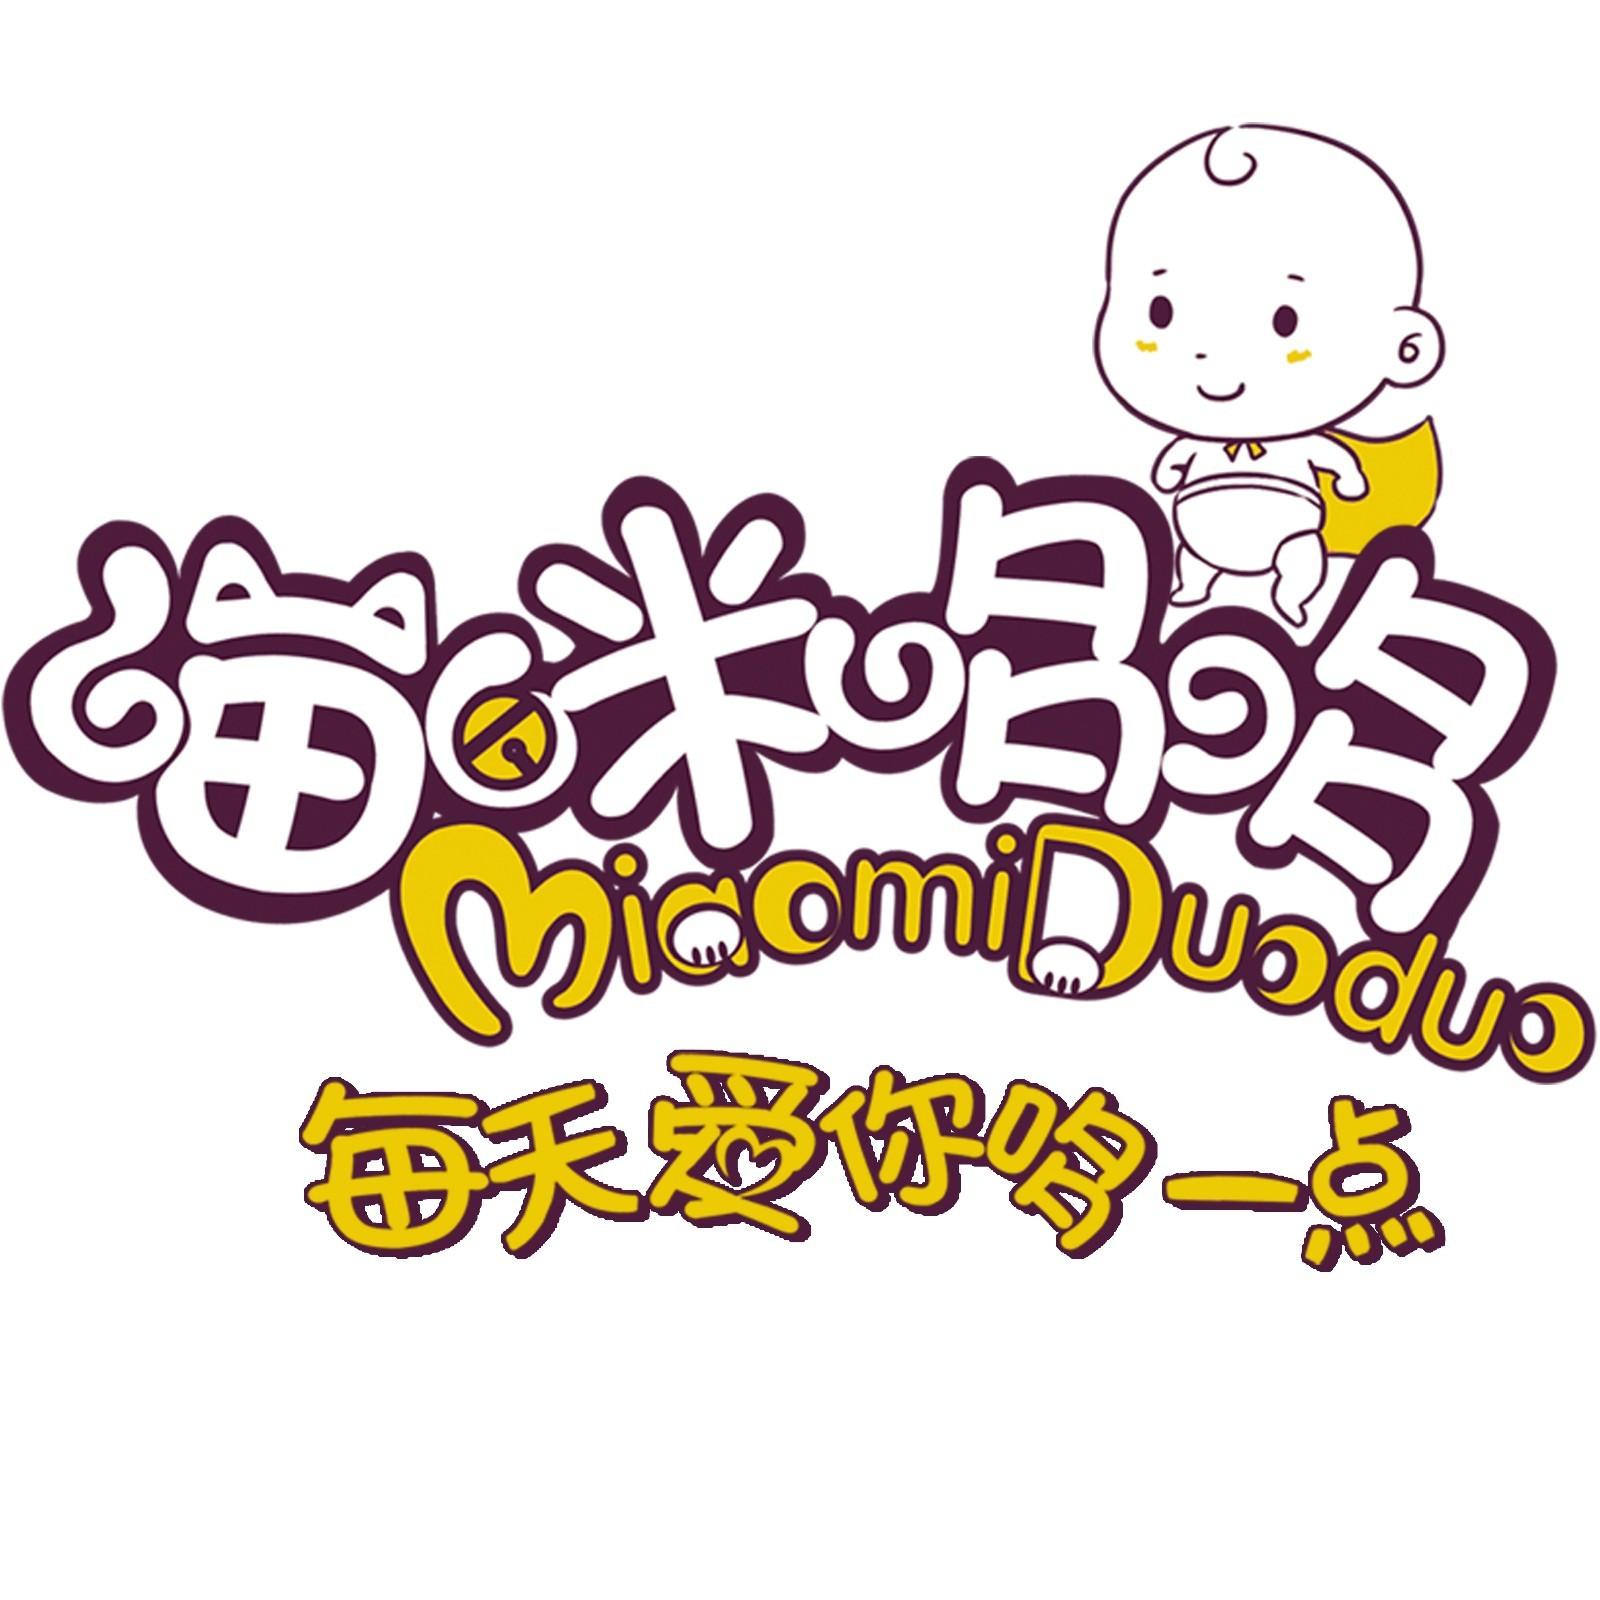 哆唻a梦表情包